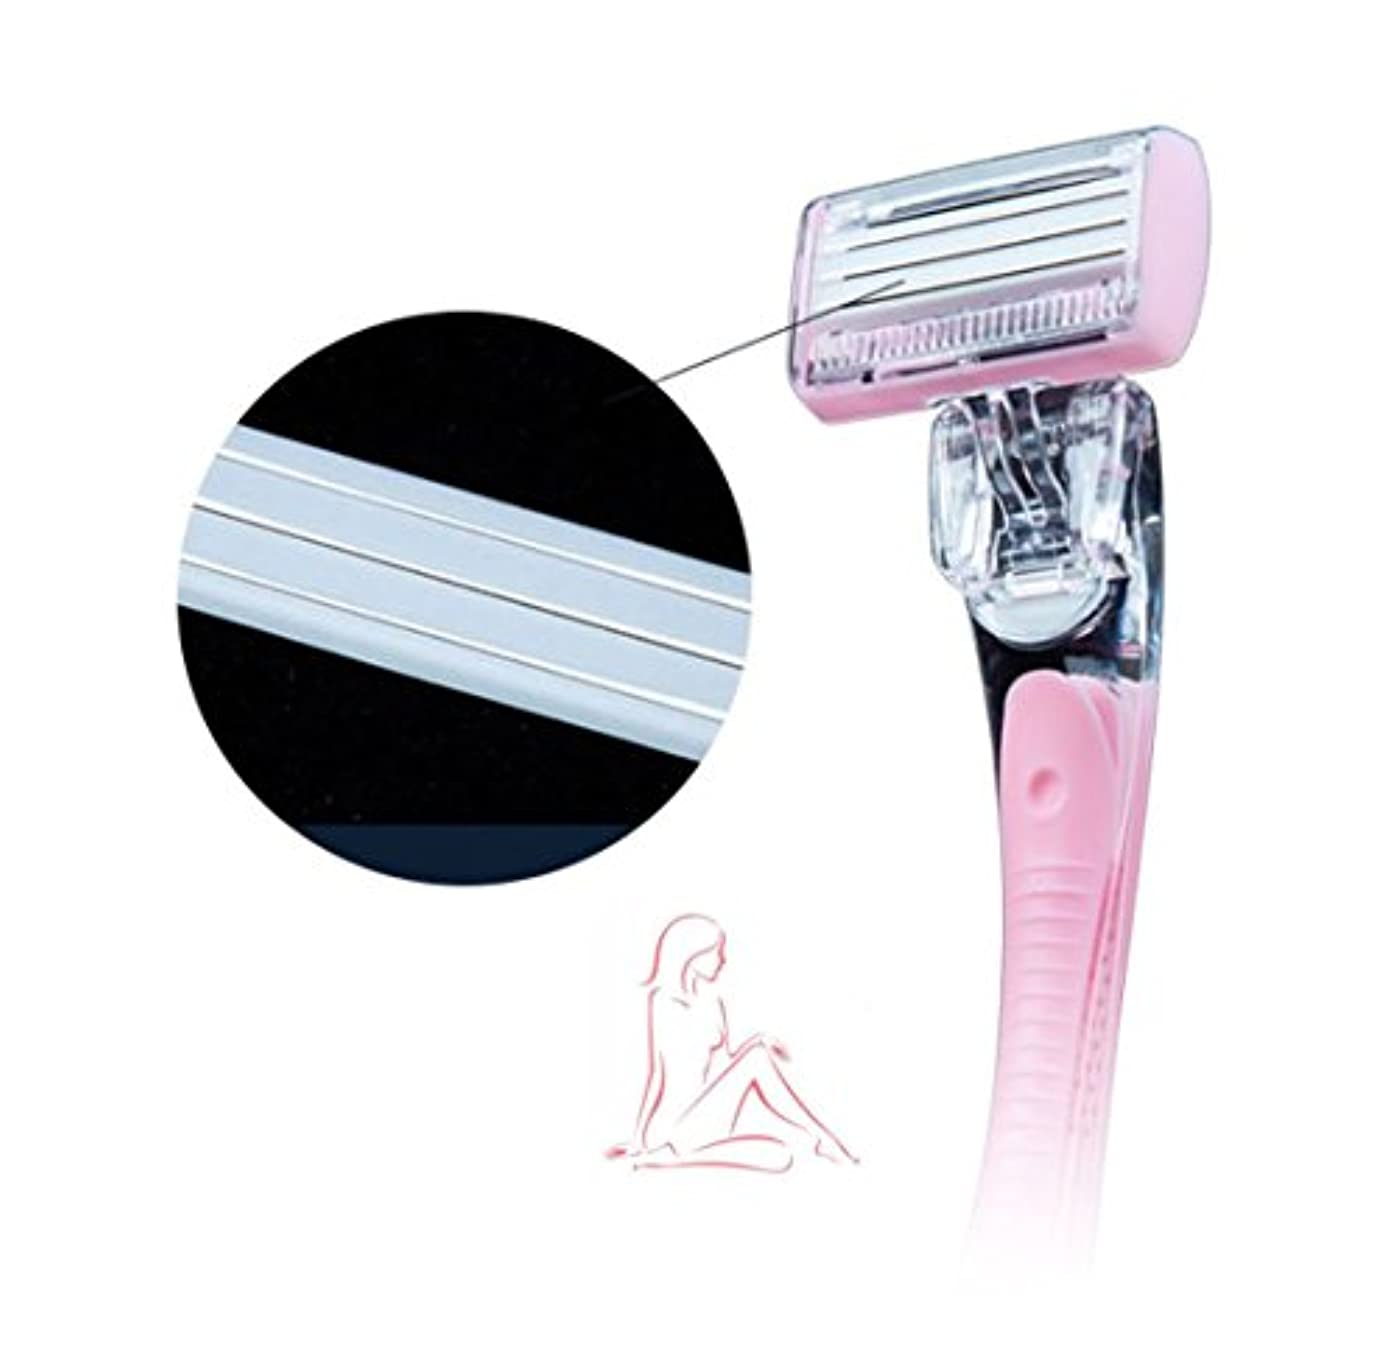 回転させる同行する受益者(女性用)除毛 セラミック シェーバー 世界初 非金属 セラミック 錆びないシェーバー 皮膚刺激最小化, 肌の傷防止 並行輸入